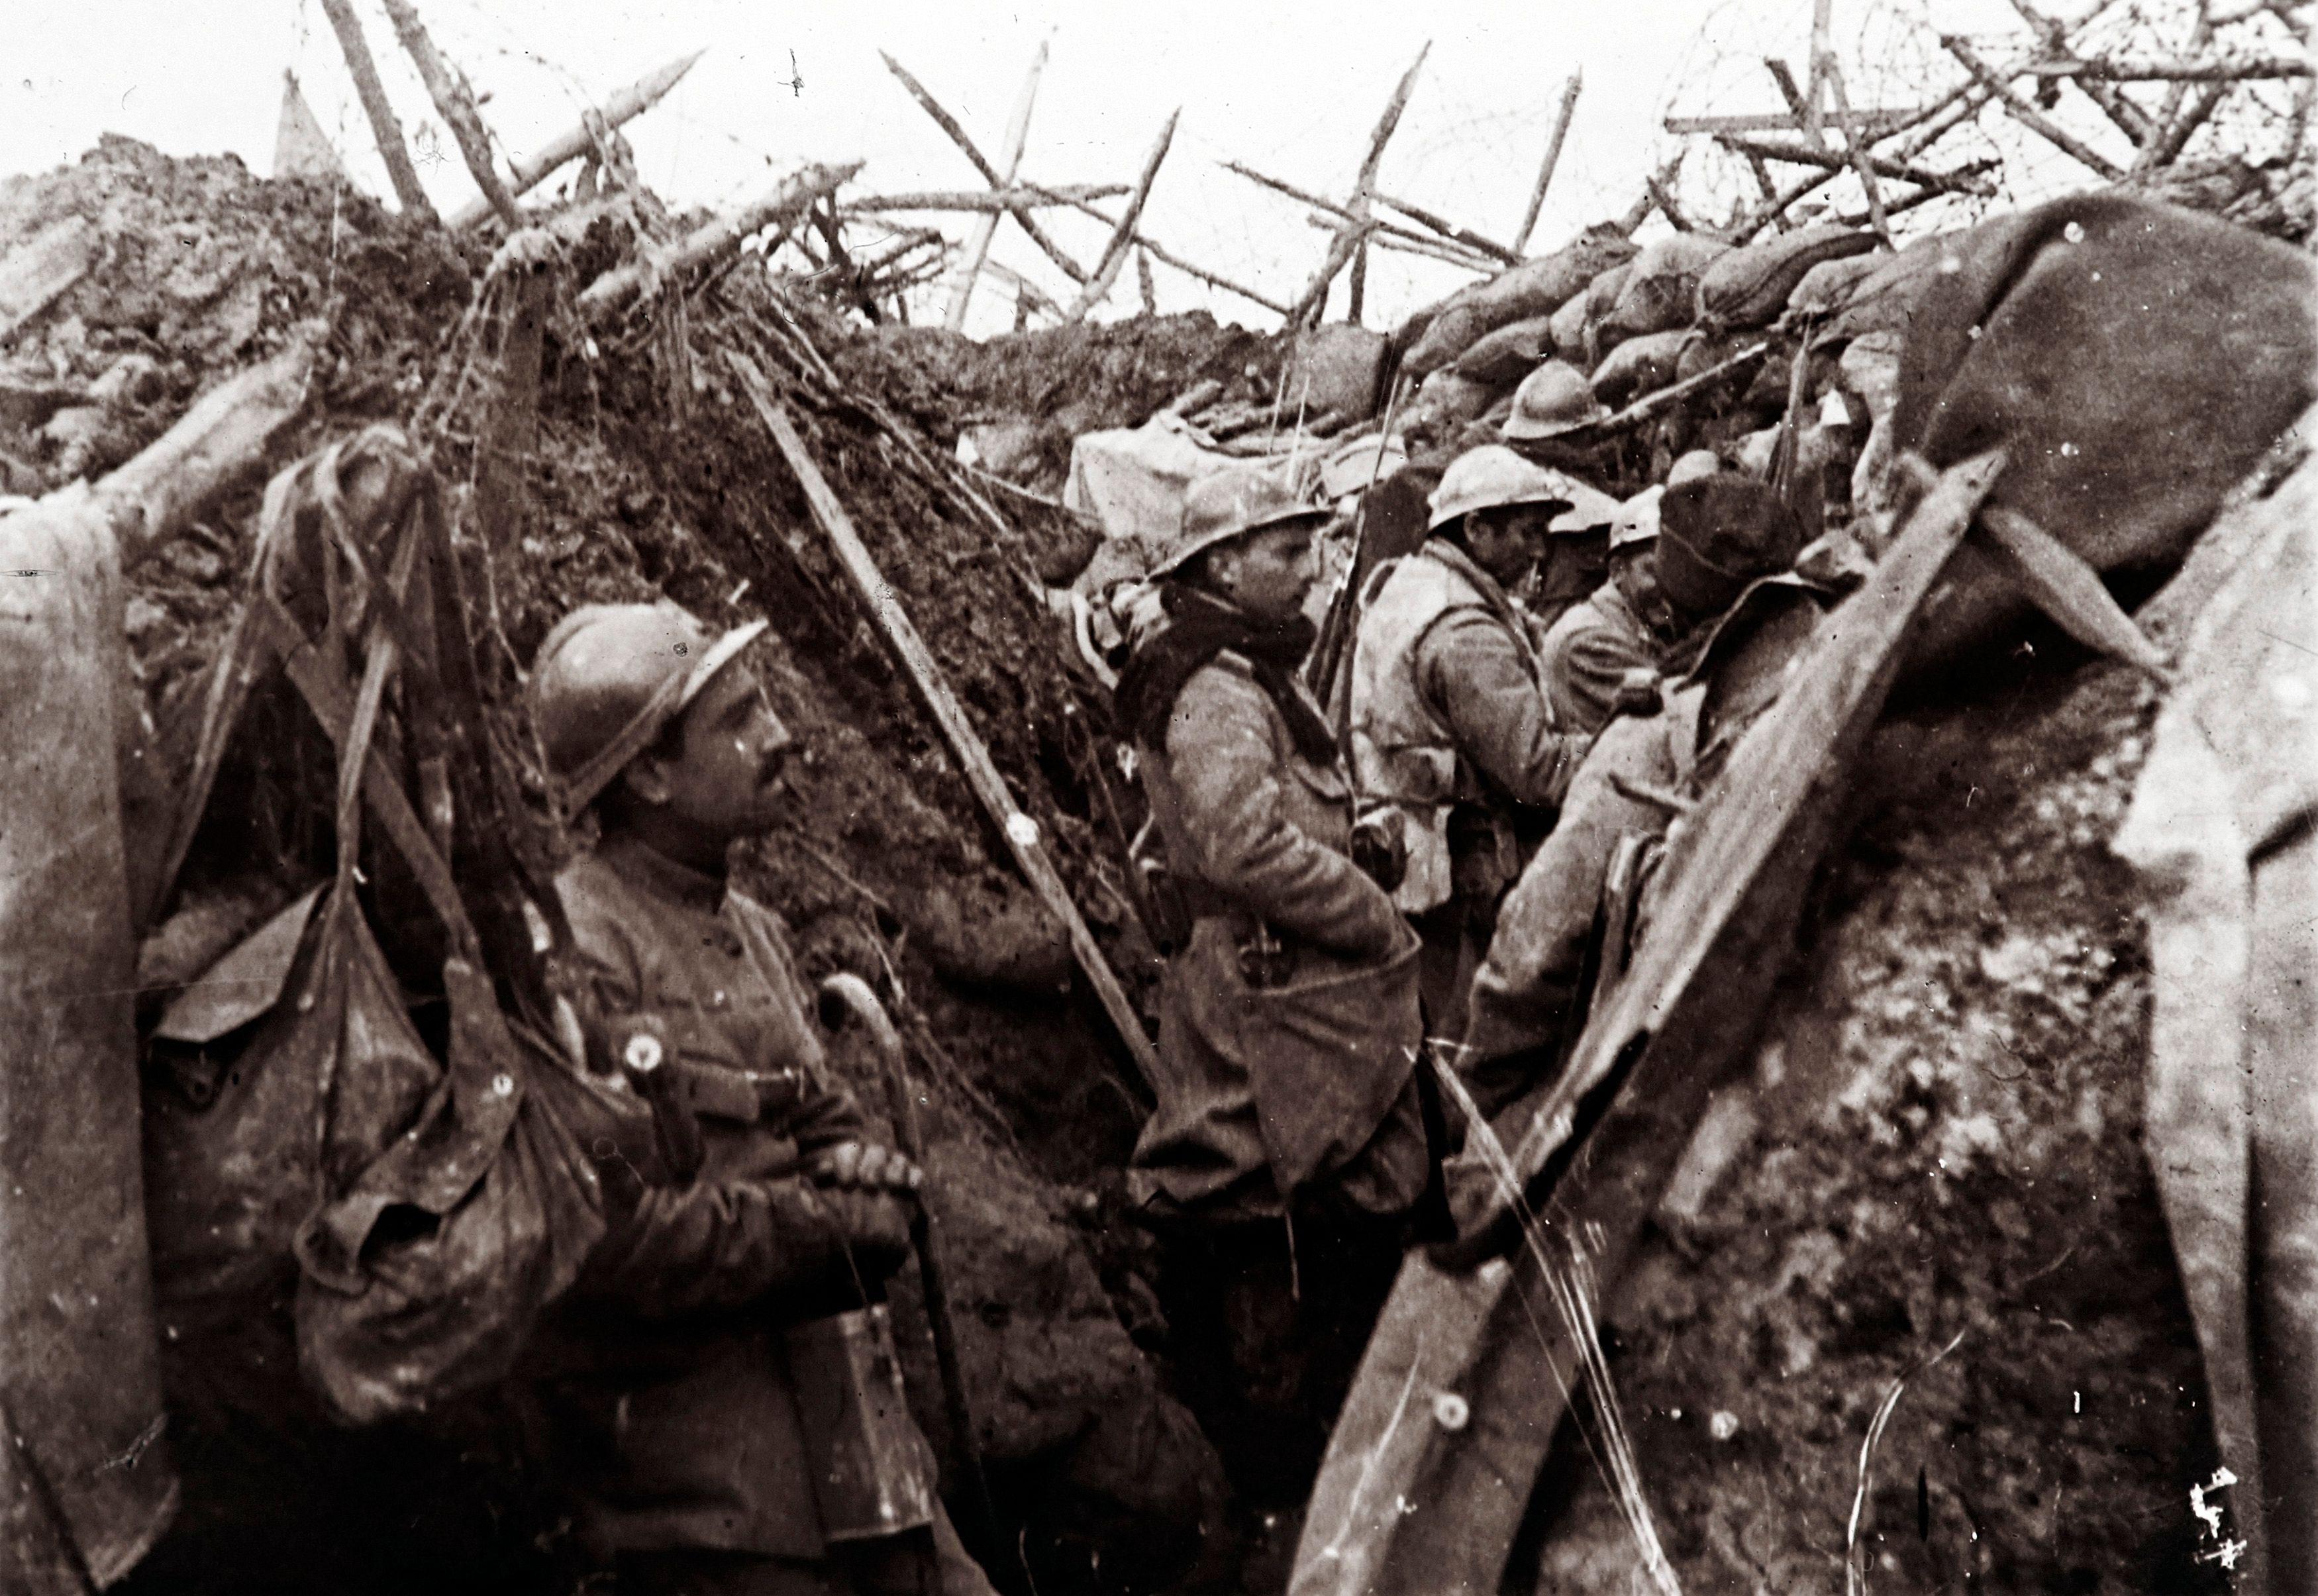 Première guerre mondiale : une collection de photos de la vie dans les tranchées publiée pour la première fois